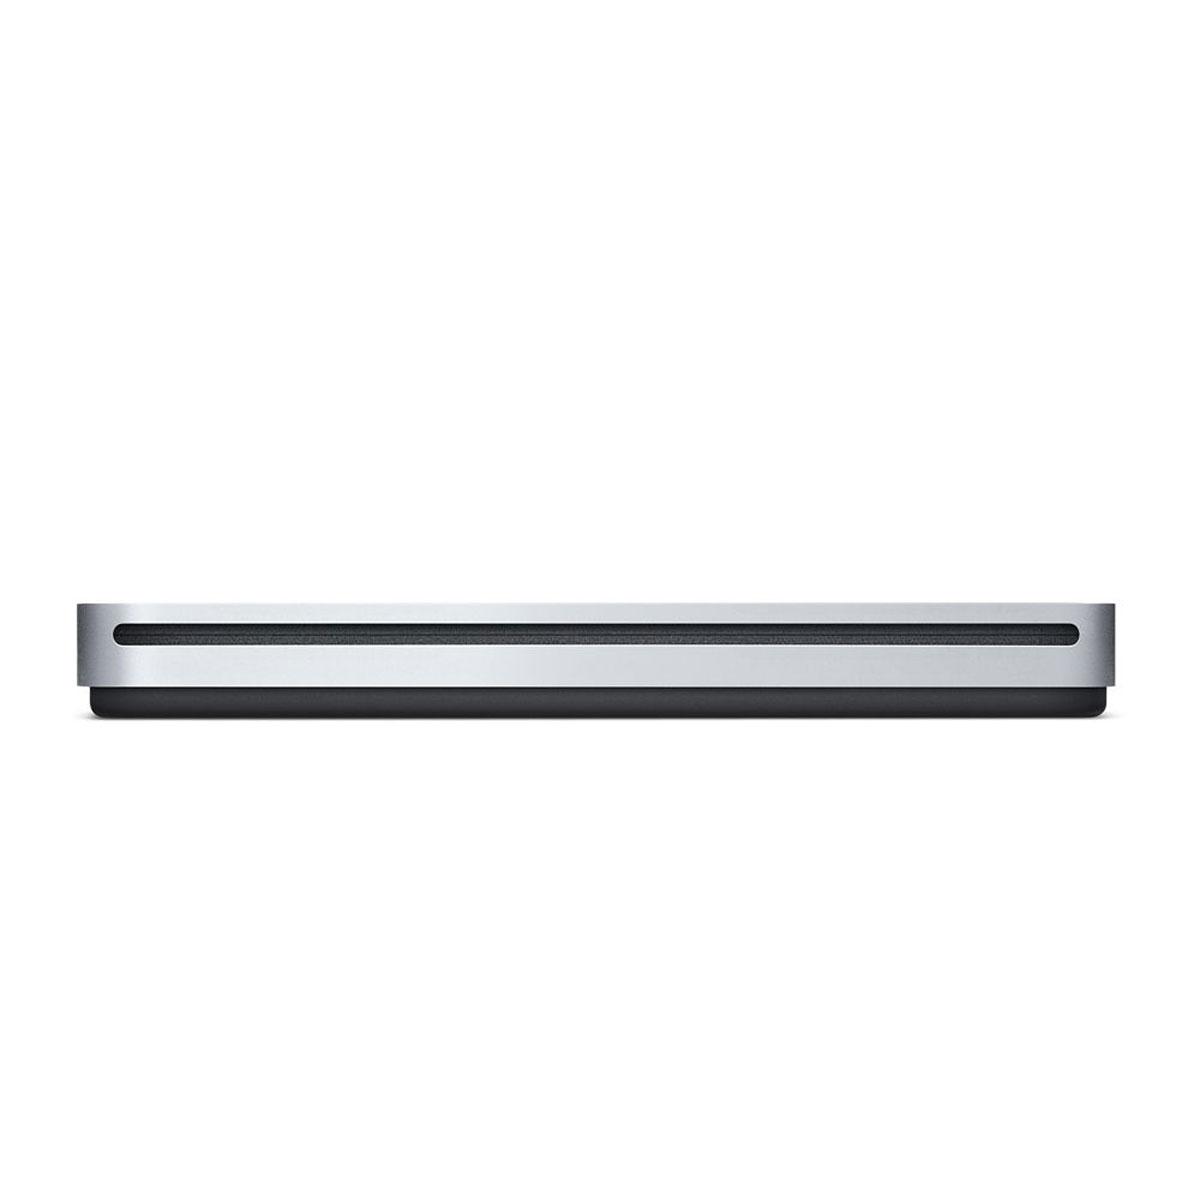 Accessoires Apple Apple Superdrive USB Graveur DVD Slim externe pour Mac